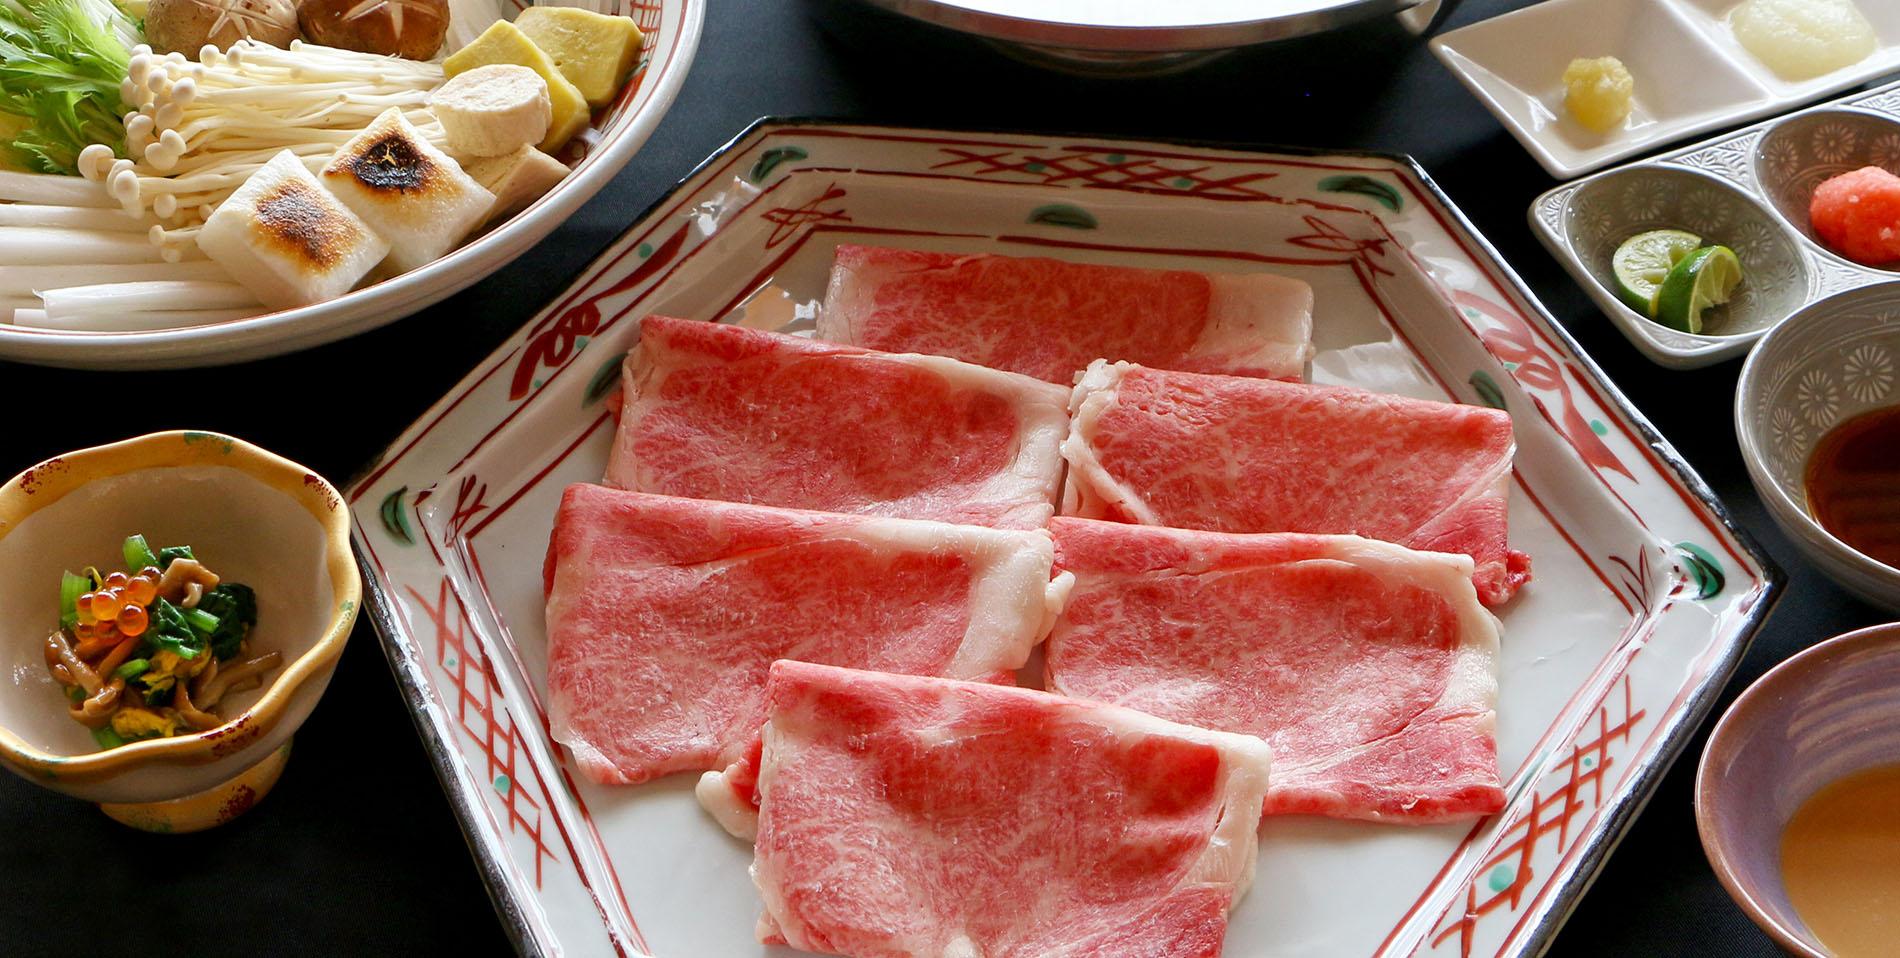 厳選ブランド牛「淡路ビーフ」を味わう 牛しゃぶ鍋コース